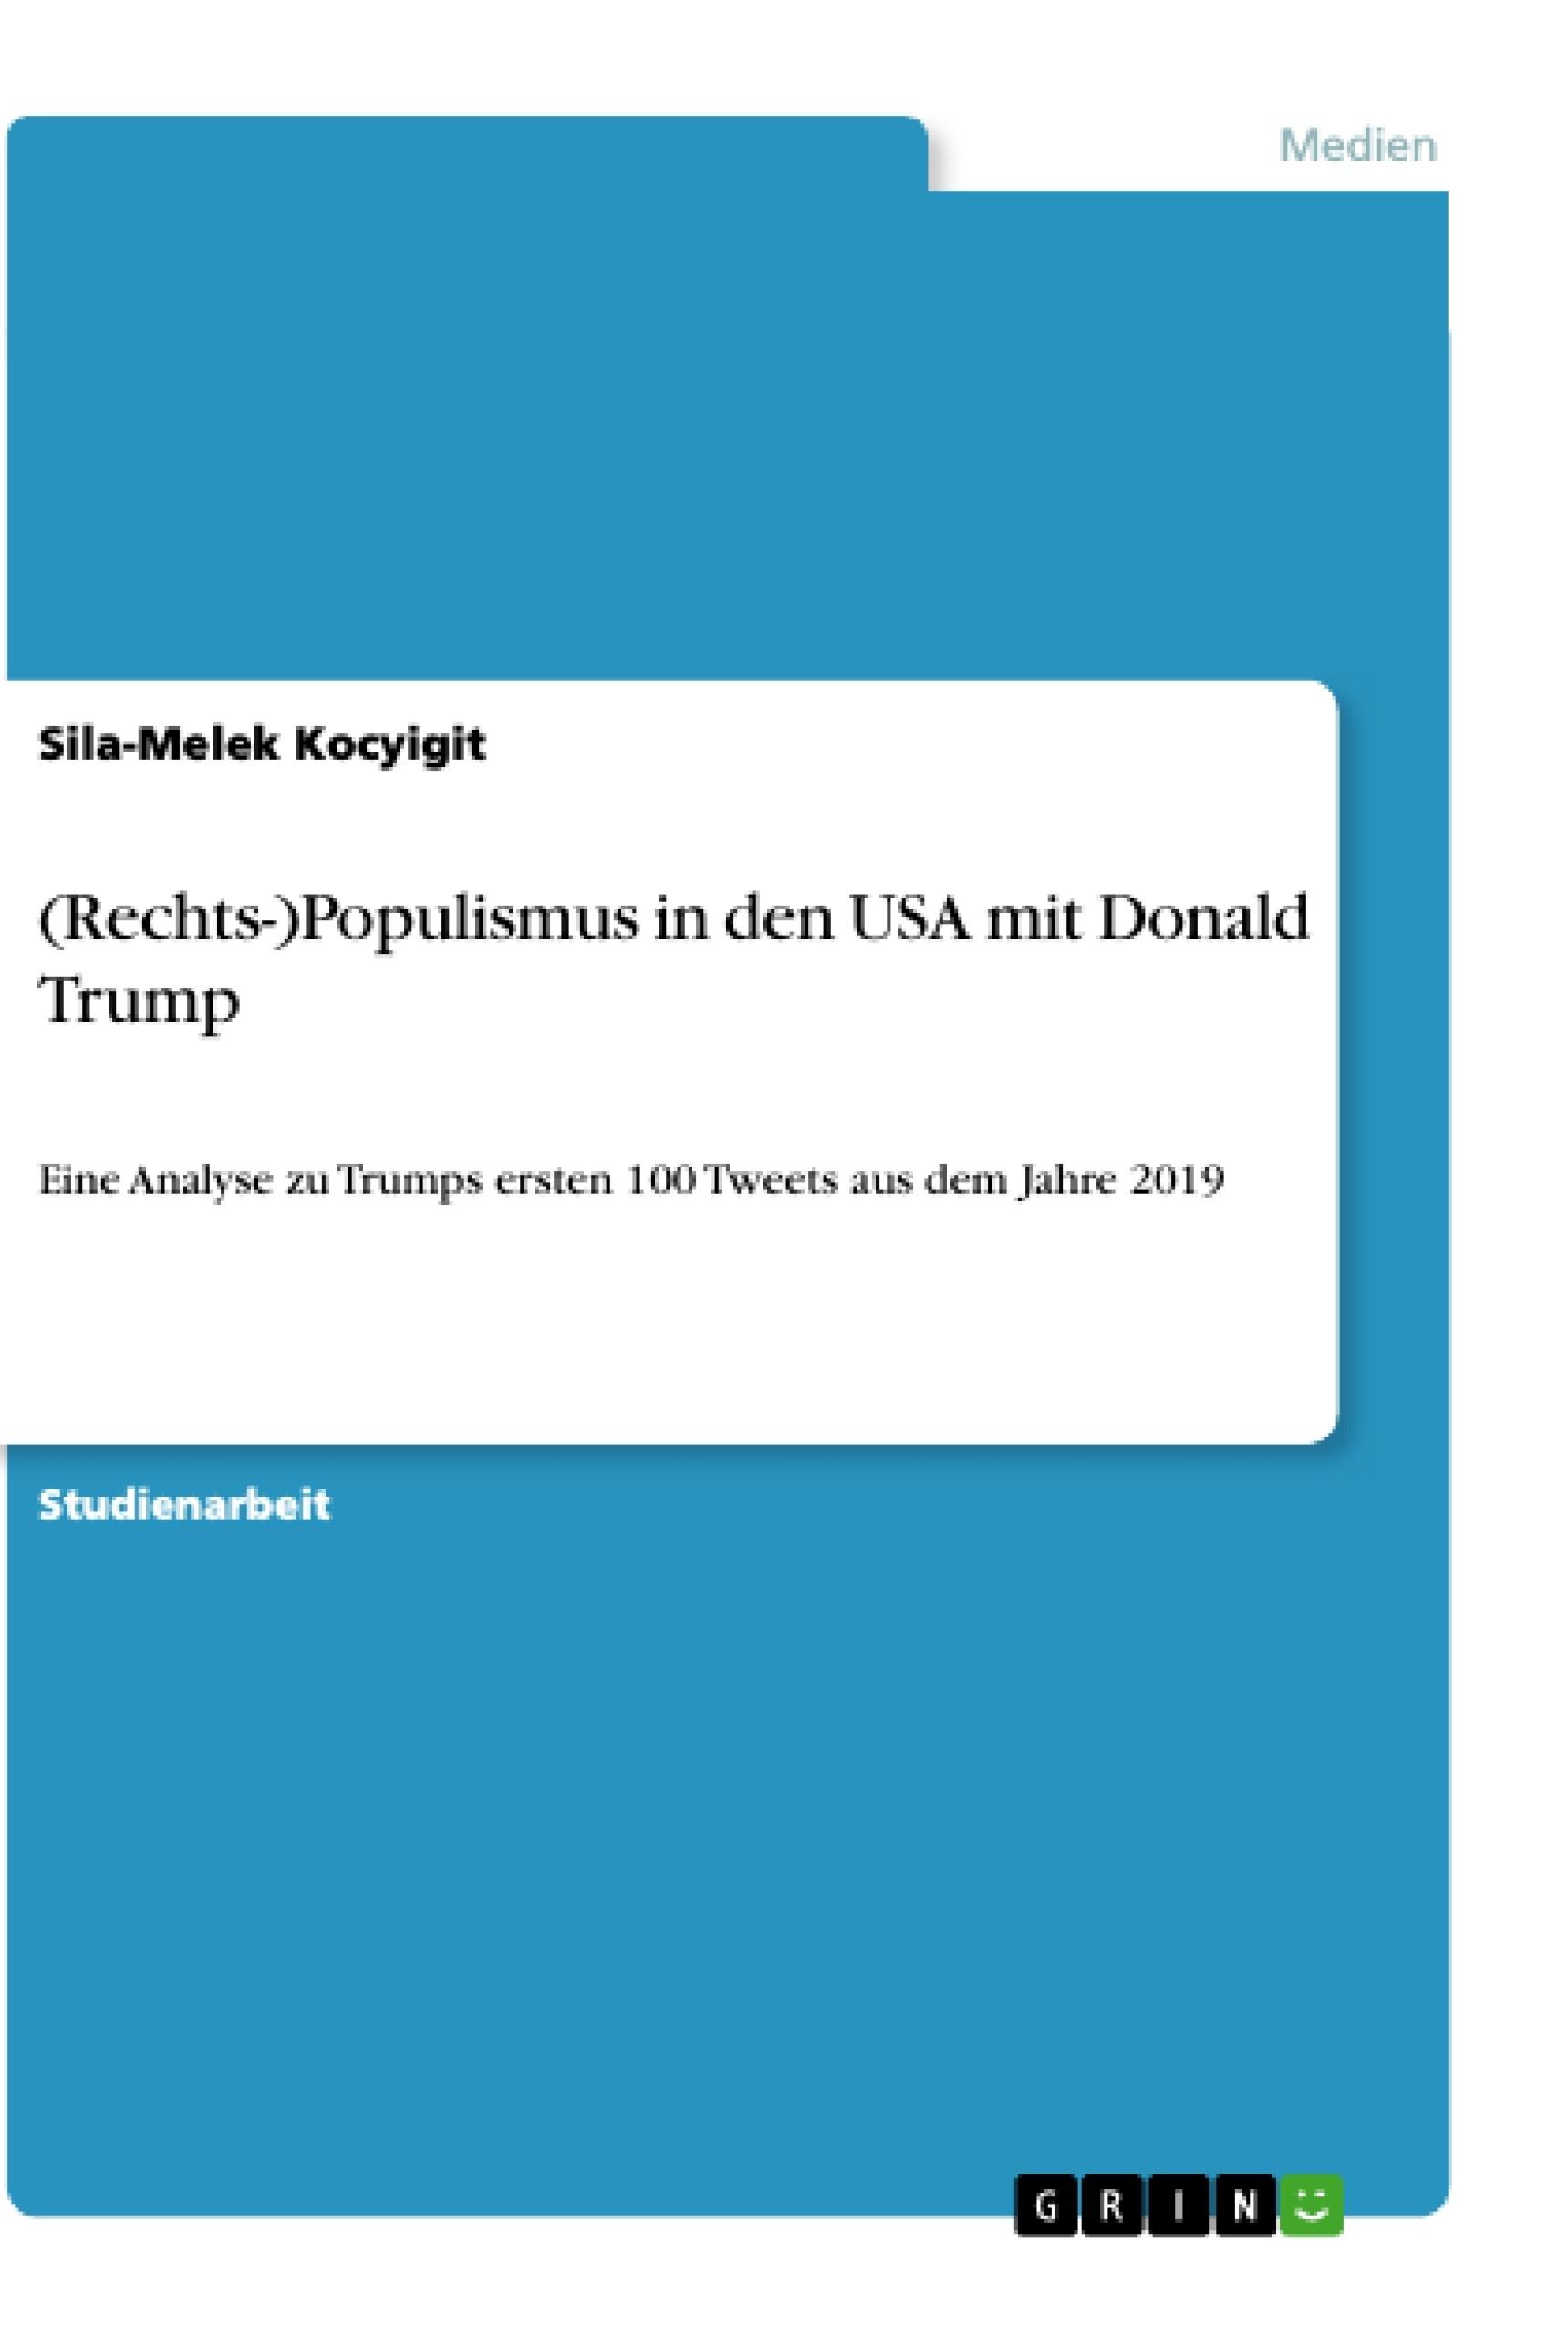 Titel: (Rechts-)Populismus in den USA mit Donald Trump